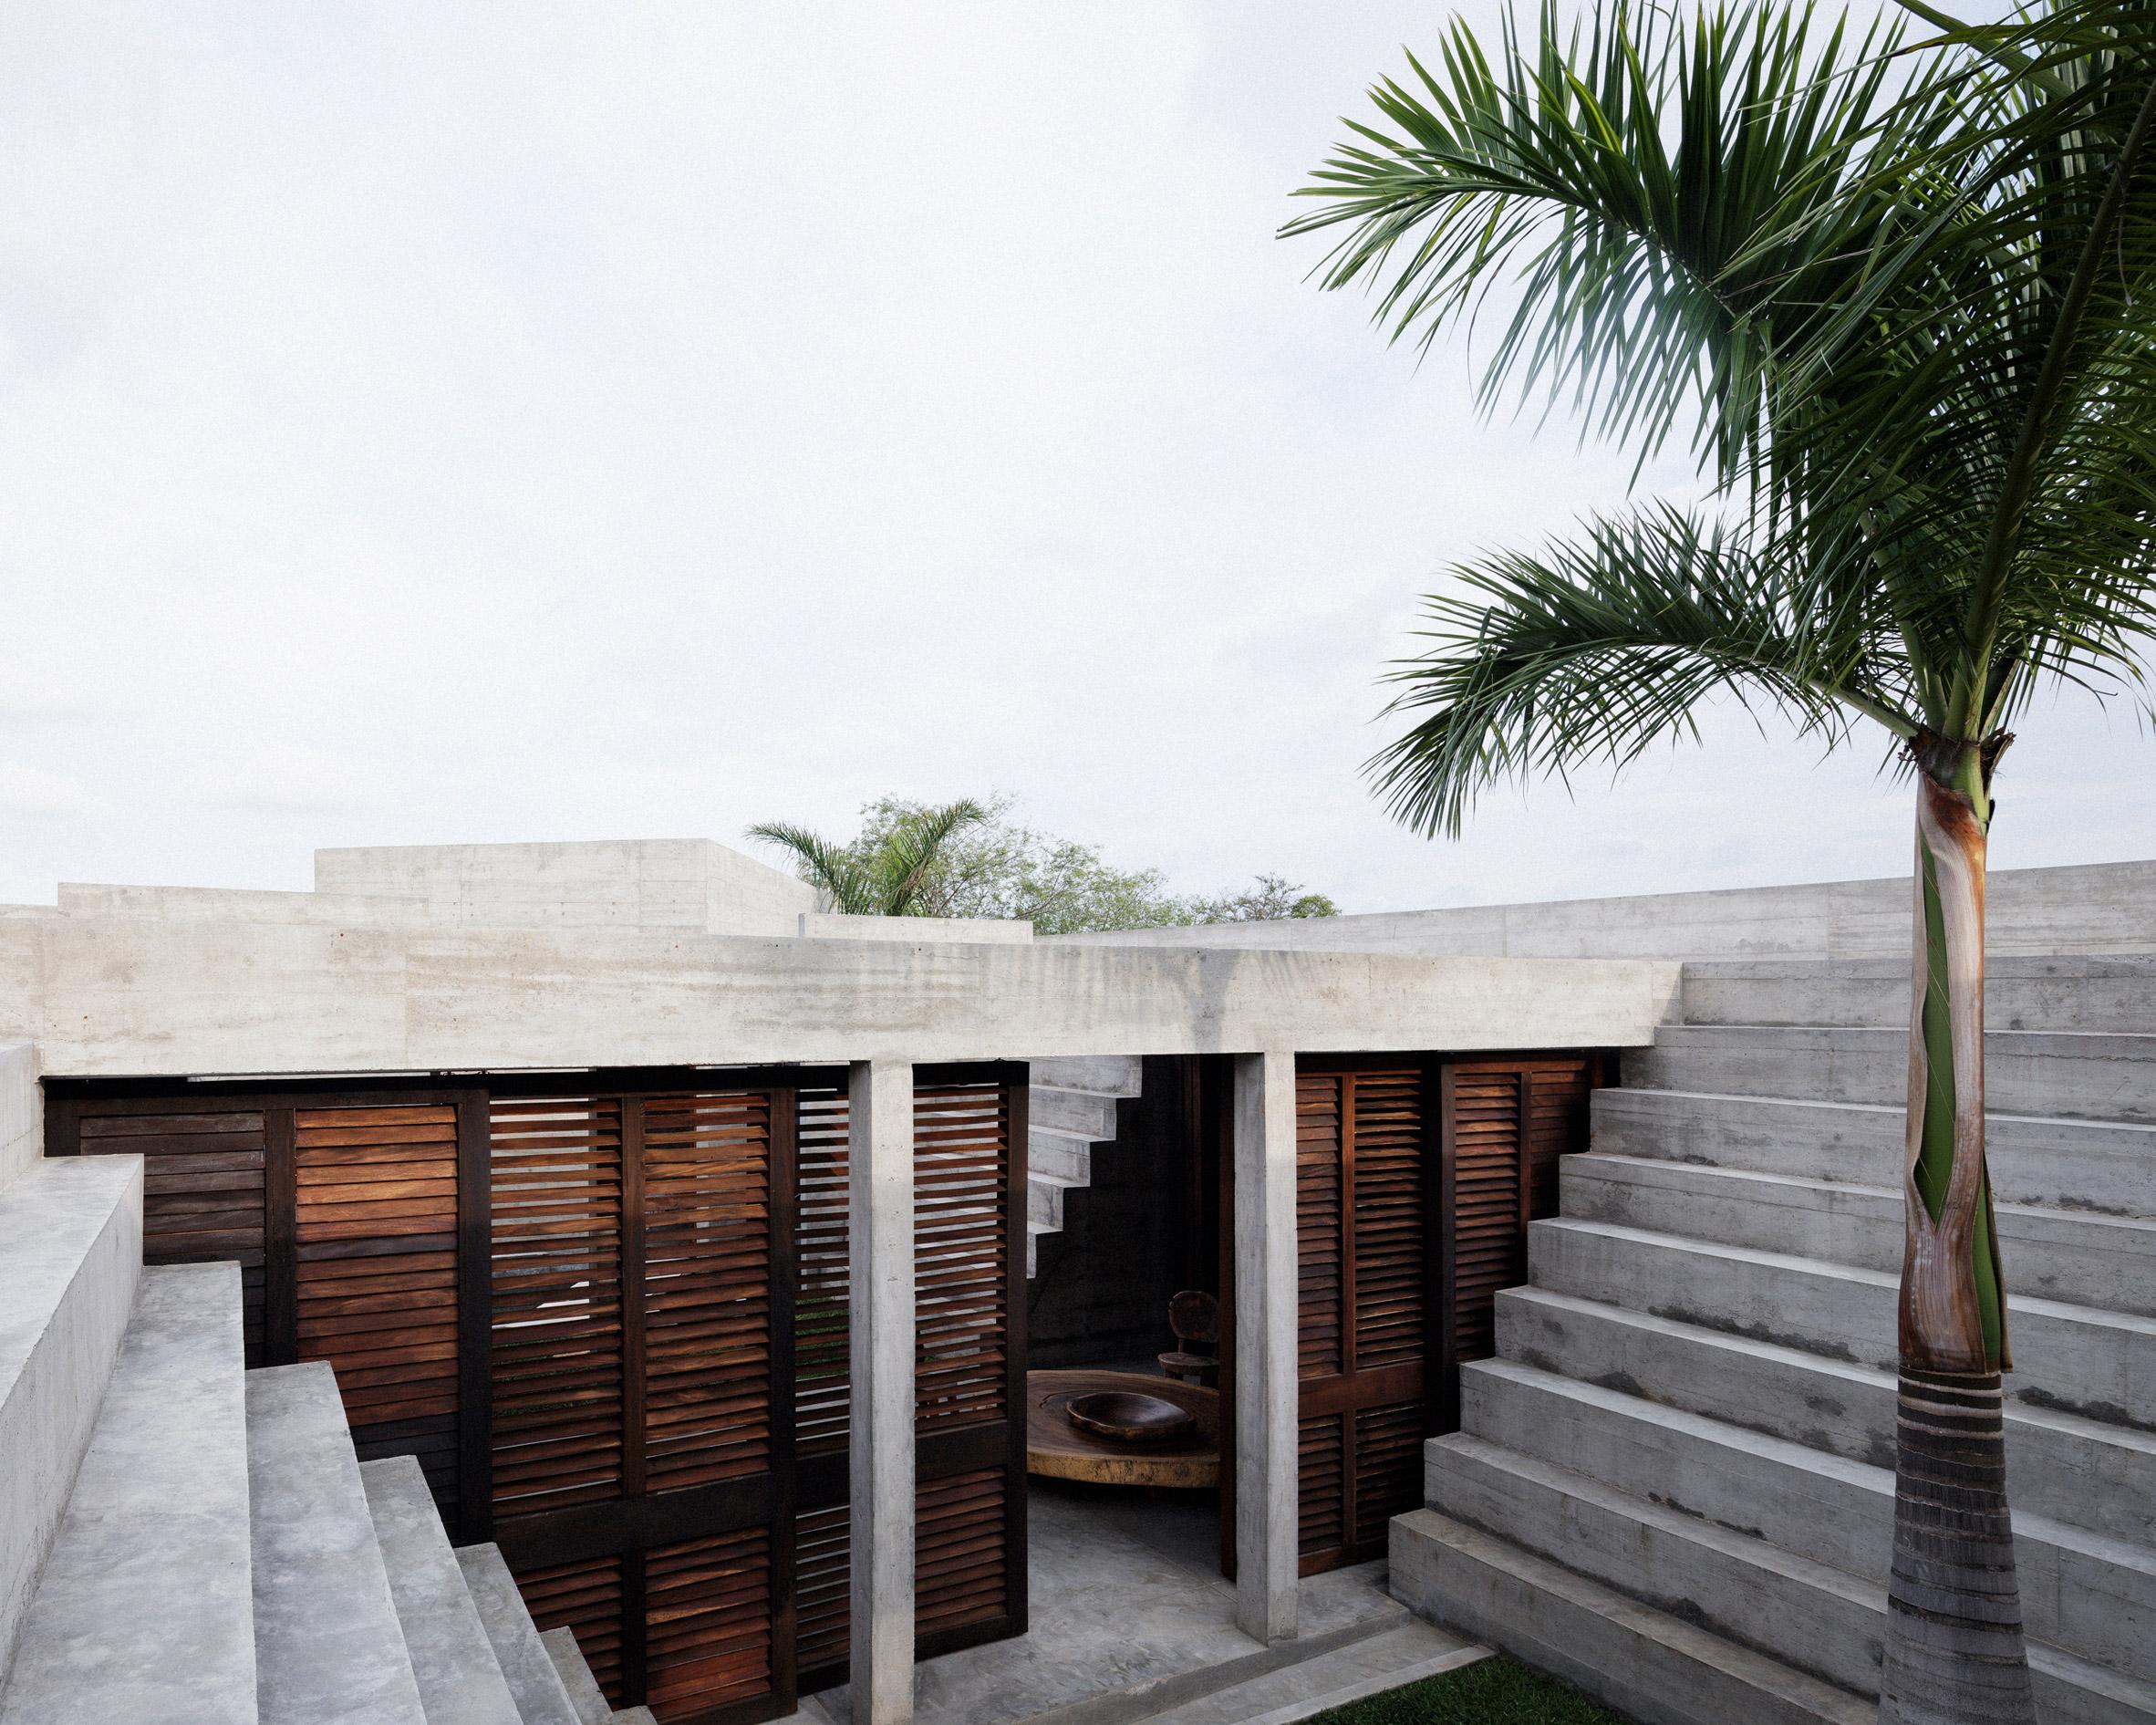 ZIcatela House by Ludwig Godefroy